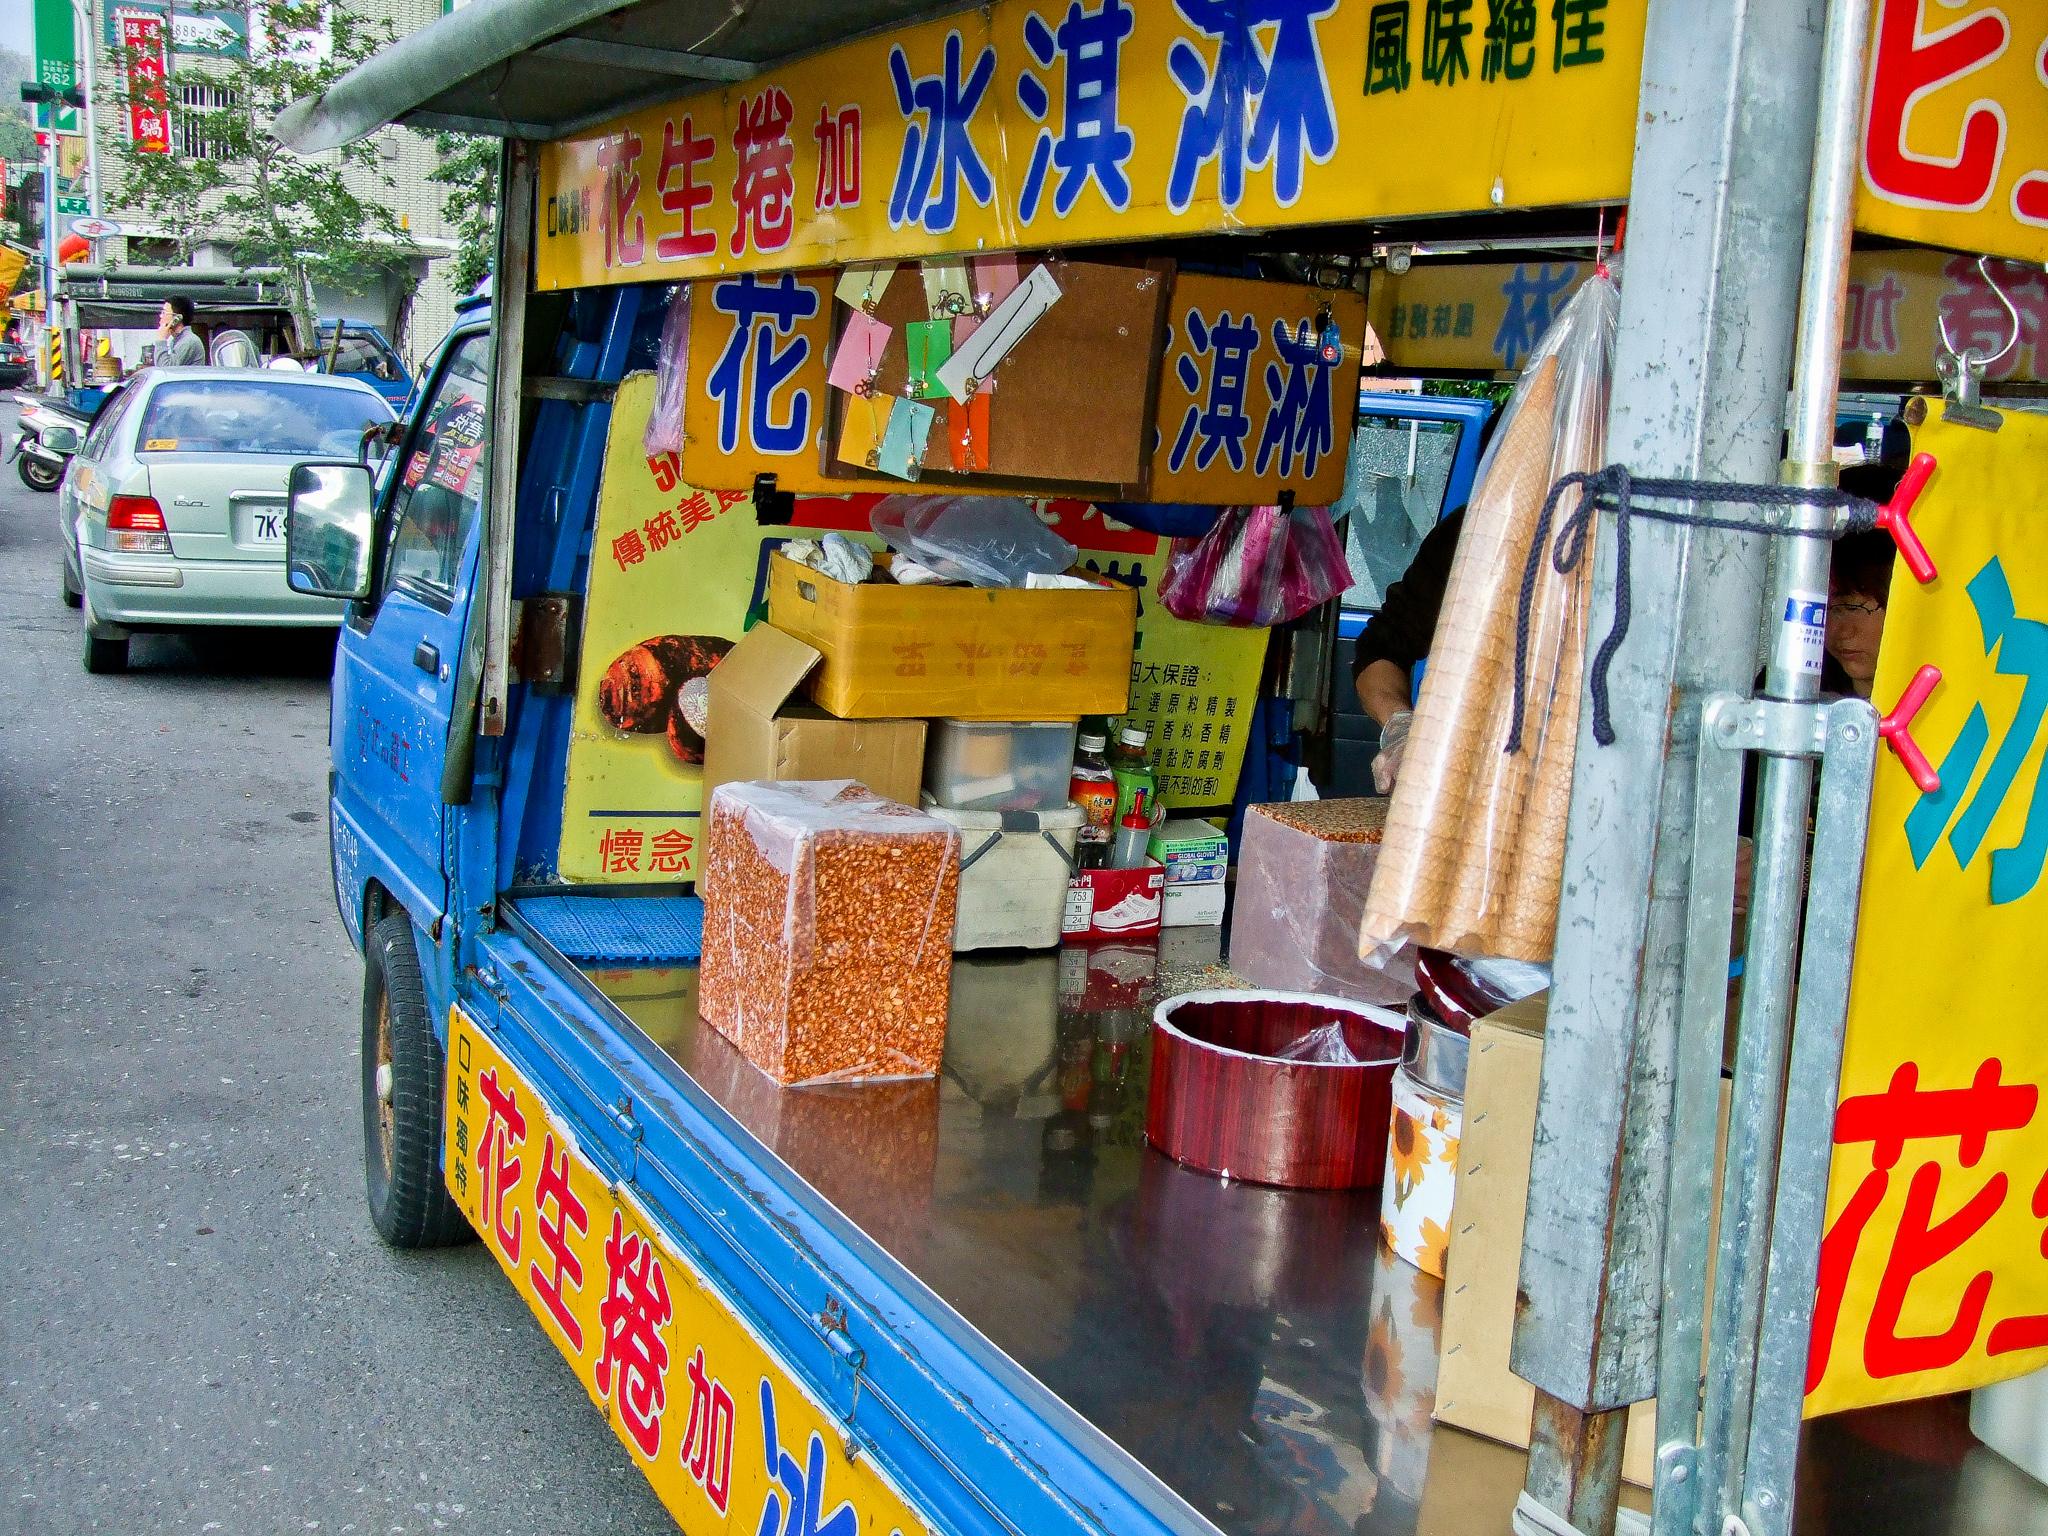 遊記|北七宜蘭之旅 Day 1:礁溪碳烤胡椒餅、柯氏蔥油餅、花生捲冰淇淋